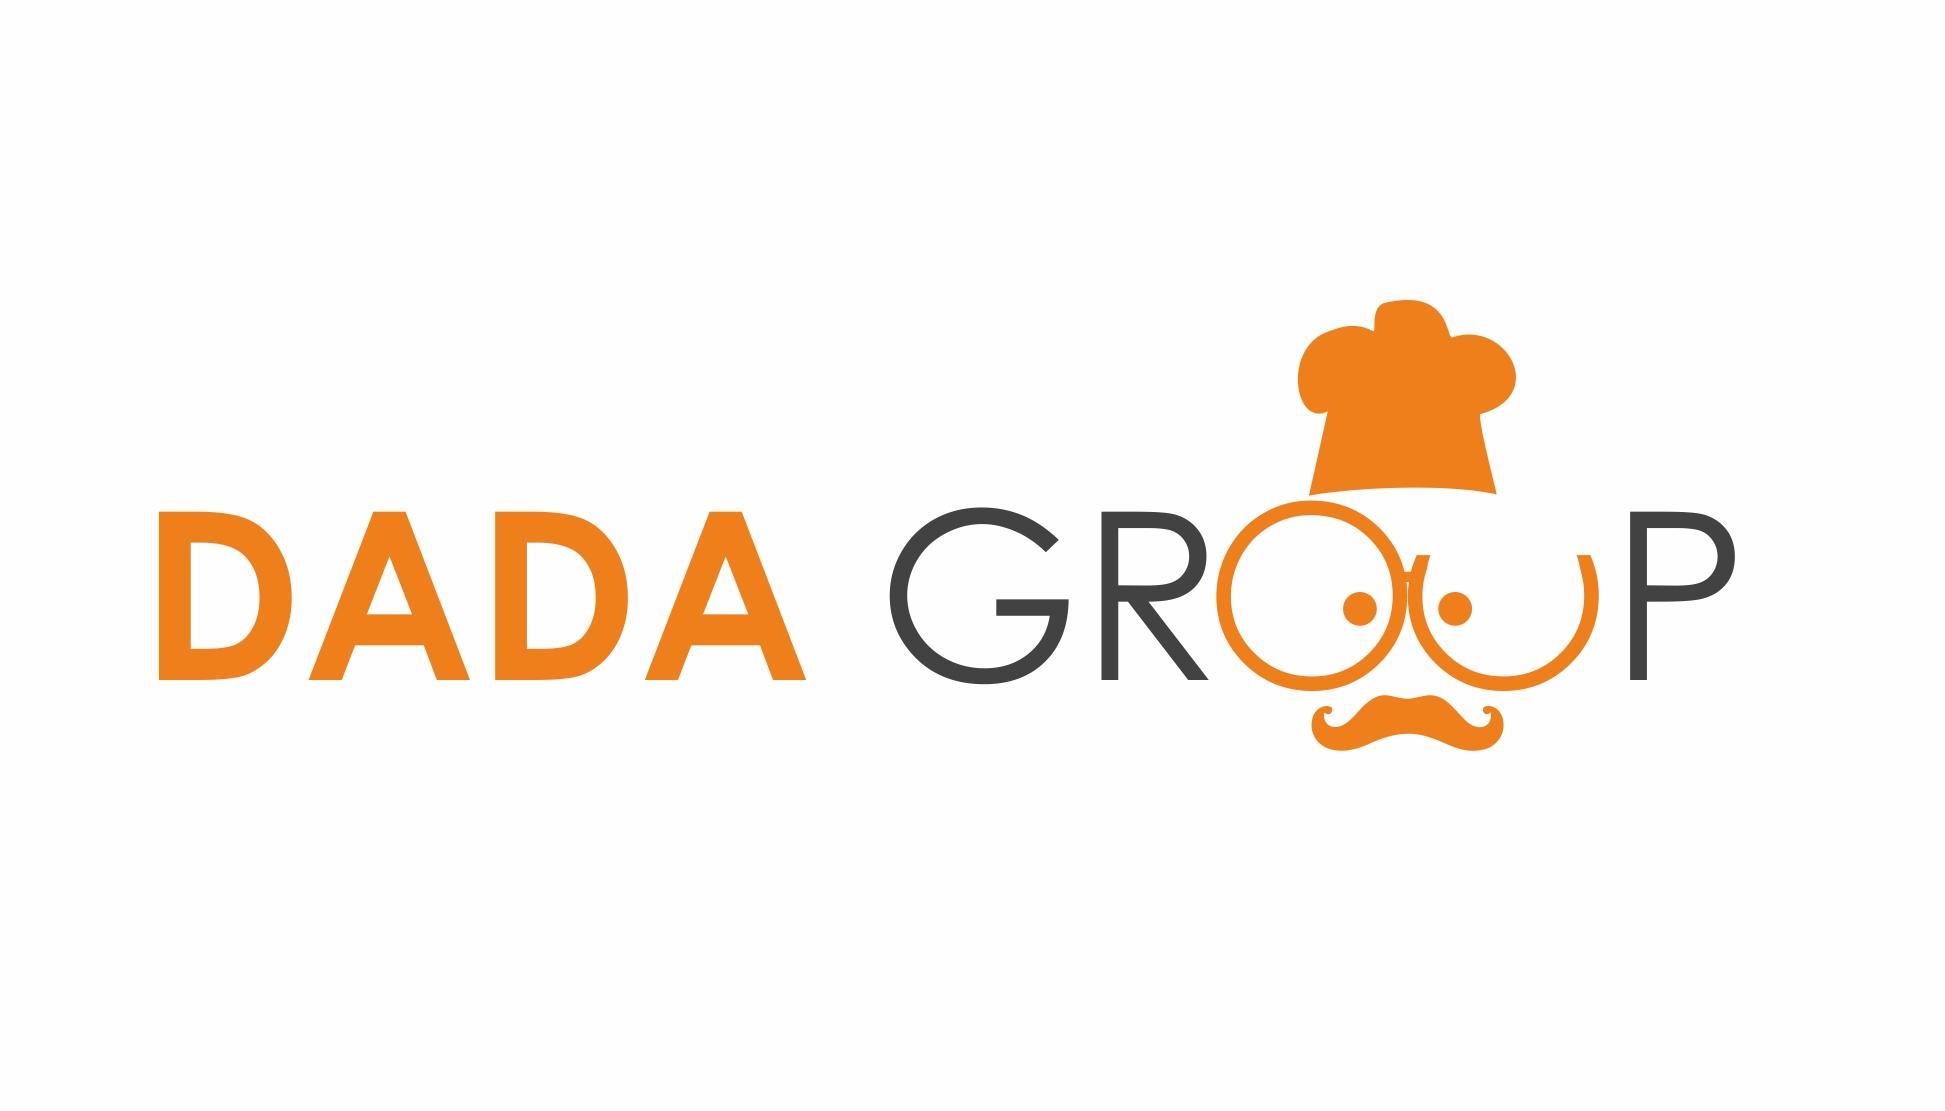 Разработка логотипа фото f_181598c10a63af46.jpg